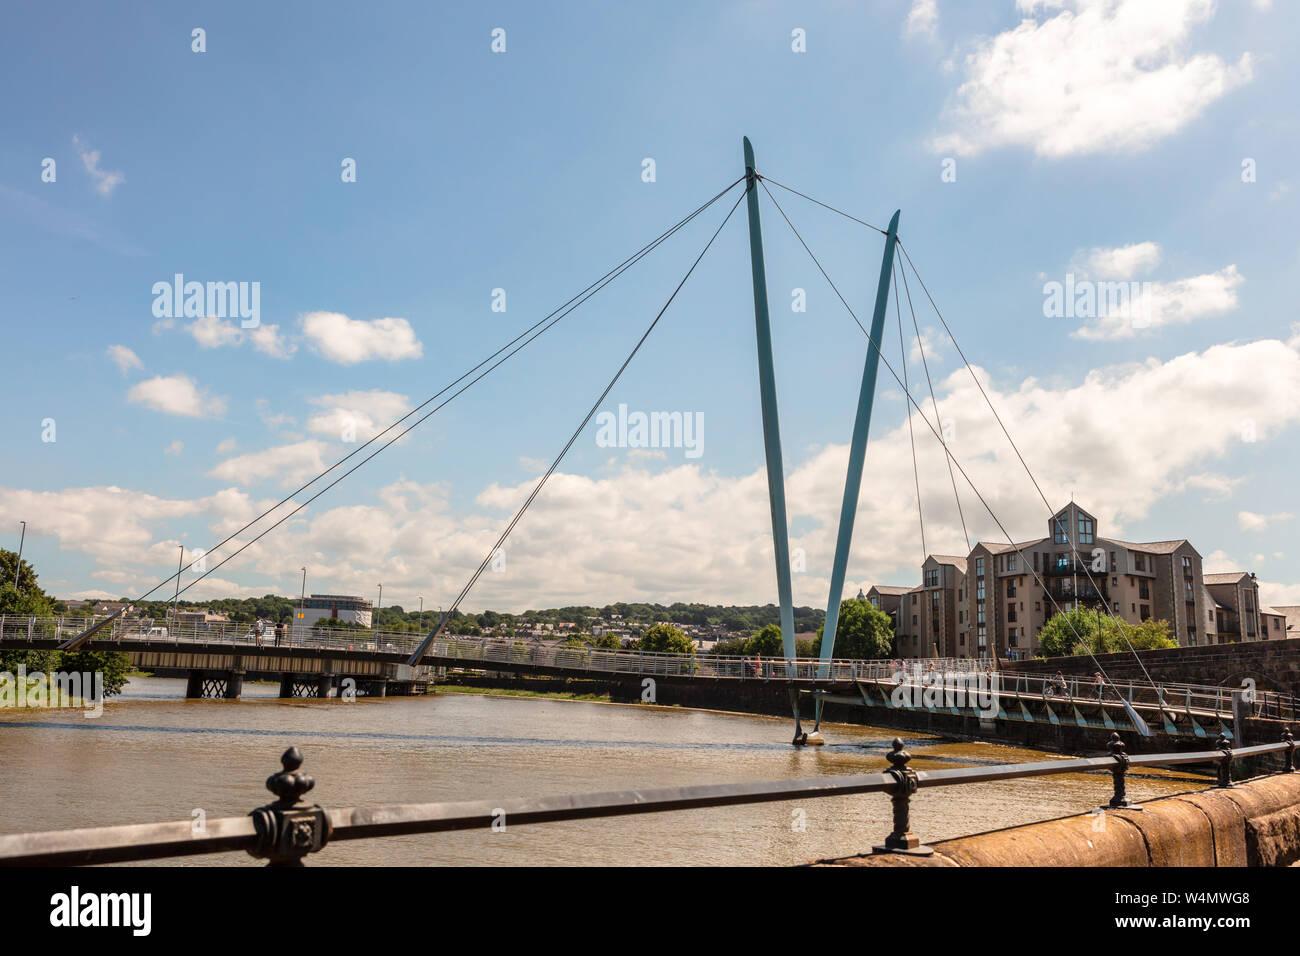 Landschaft mit Fluss Lune Millennium Bridge in der Stadt Lancaster, England. Stockfoto